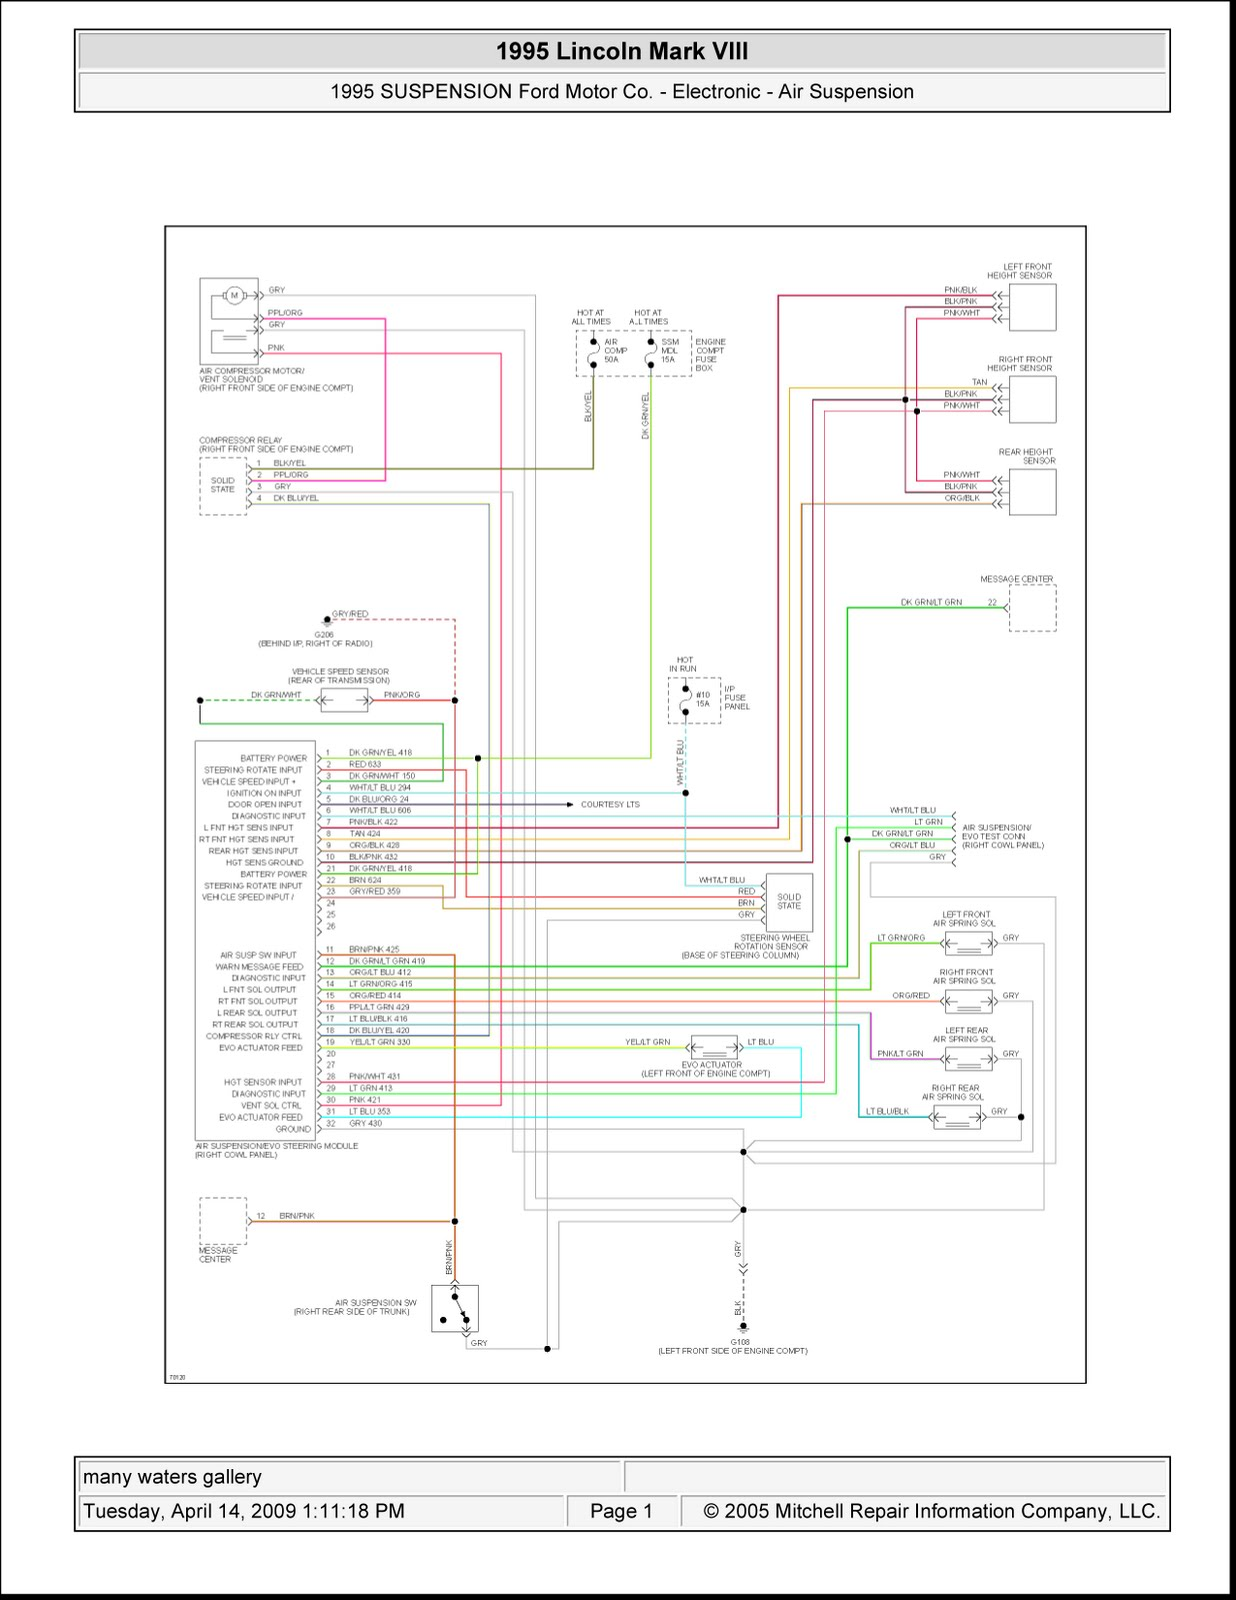 lincoln mark viii front suspension diagram wire data schema u2022 rh vsetop co 1994 lincoln mark [ 1236 x 1600 Pixel ]